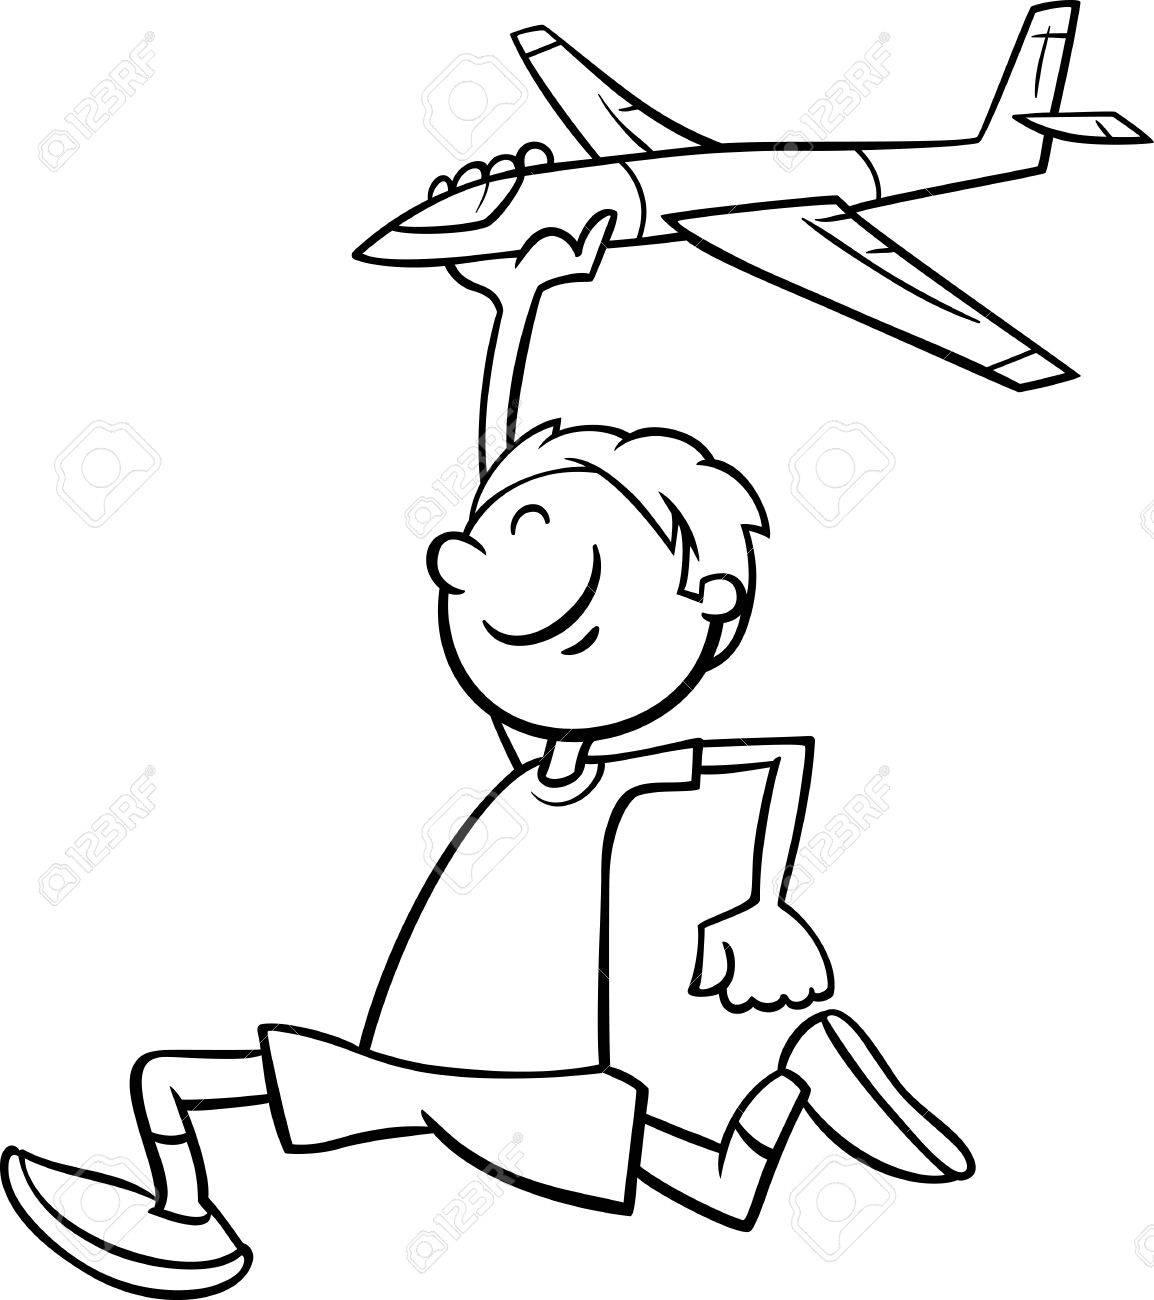 Historieta Blanco Y Negro Ilustración De Little Boy Feliz Con Avión ...